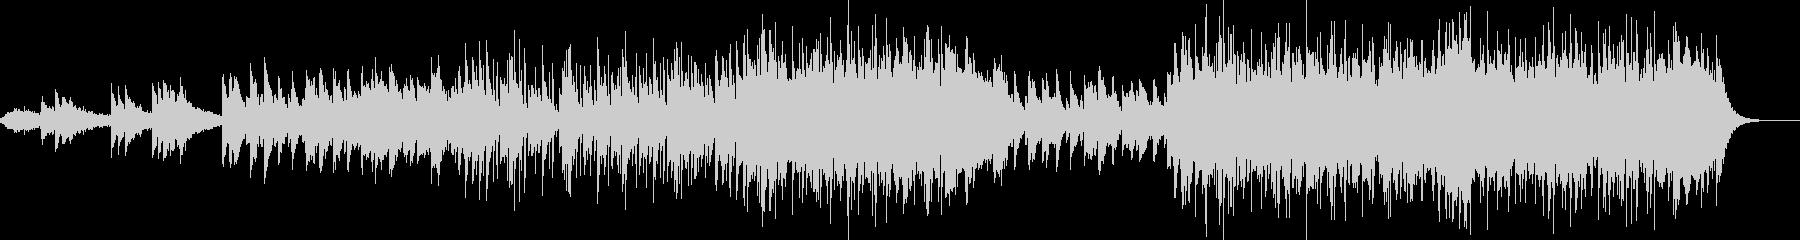 シンプルなピアノバラードの未再生の波形